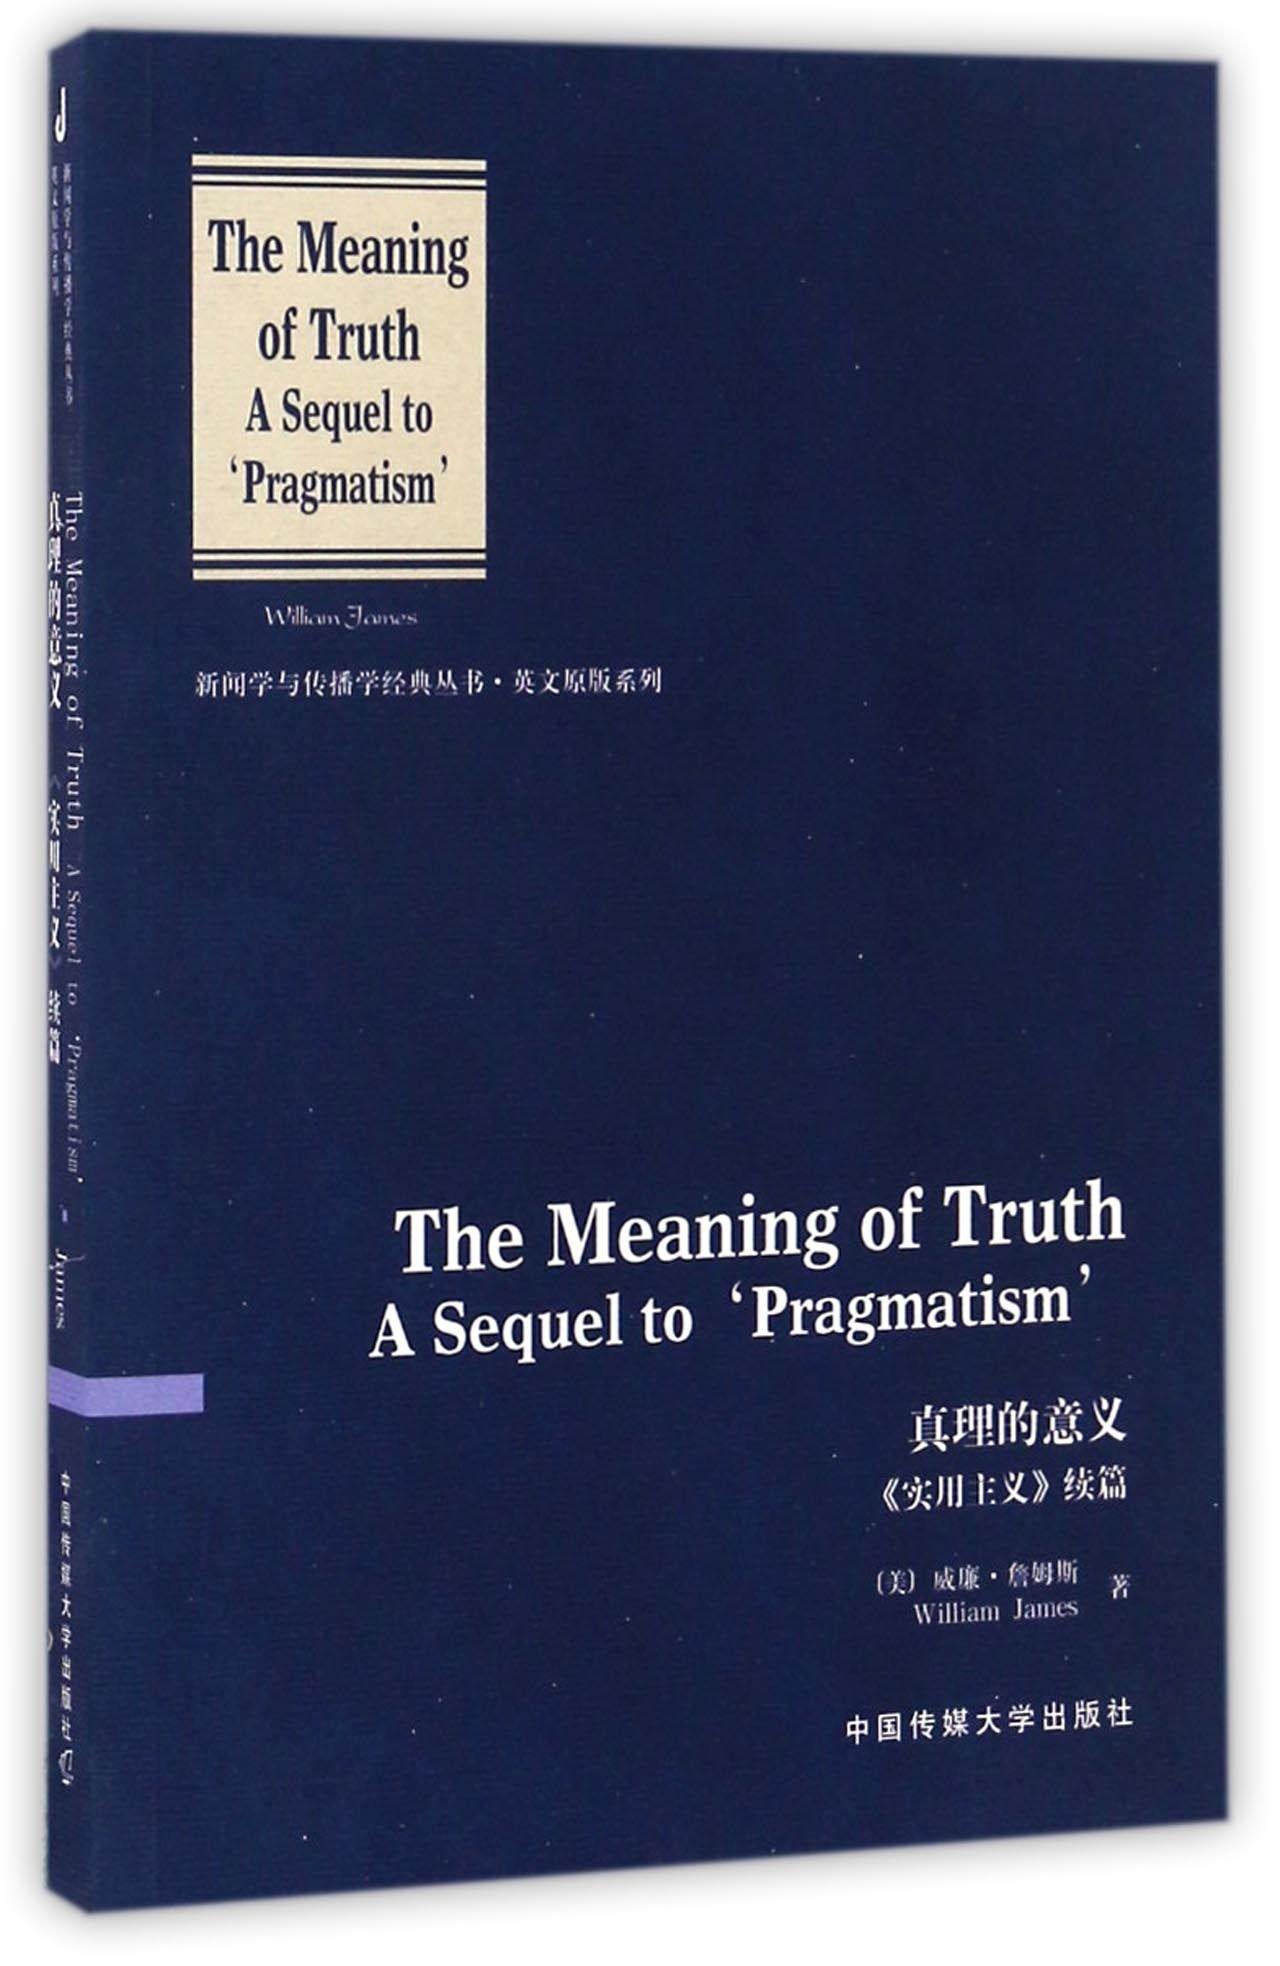 Read Online 真理的意义(实用主义续篇)(英文版)/英文原版系列/新闻学与传播学经典丛书 PDF